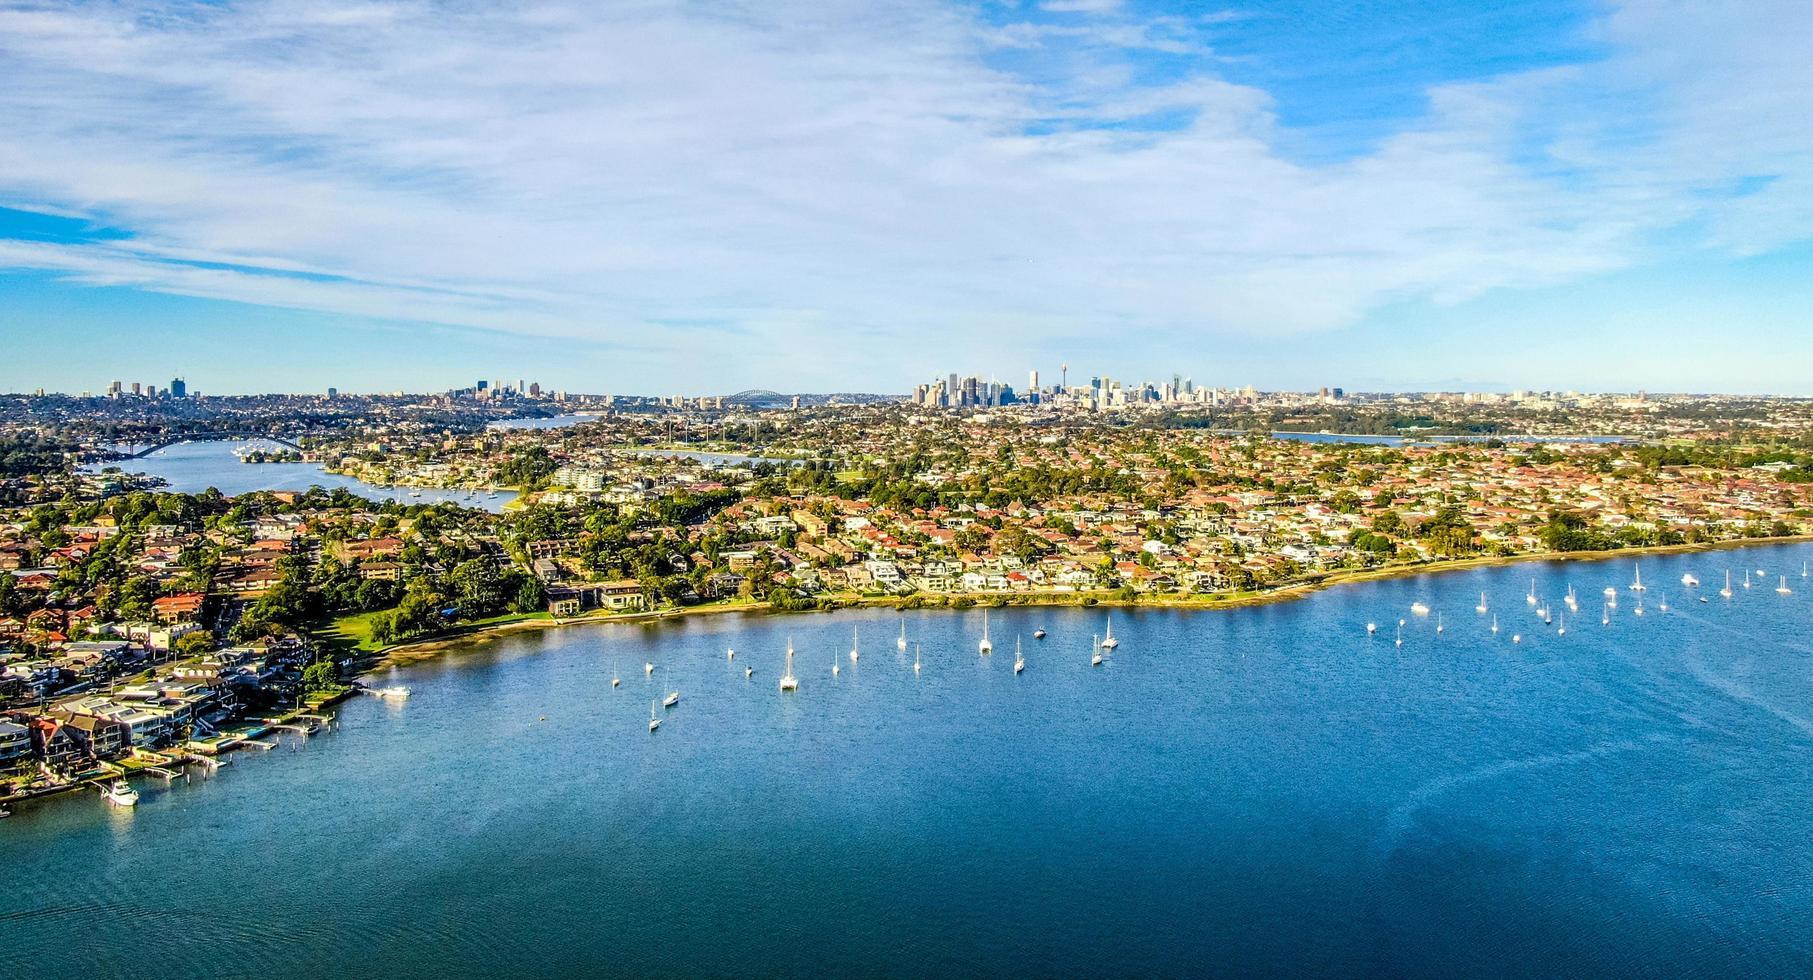 Sydney, Australien, 2020 - eine Luftaufnahme von Sydney foto